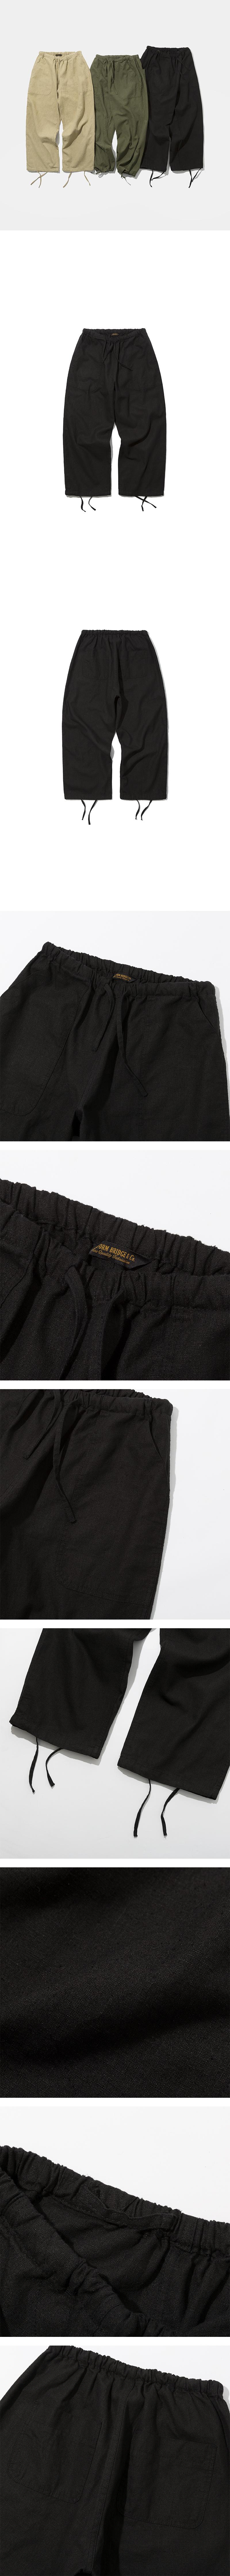 유니폼브릿지(UNIFORM BRIDGE) 19ss linen balloon pants black